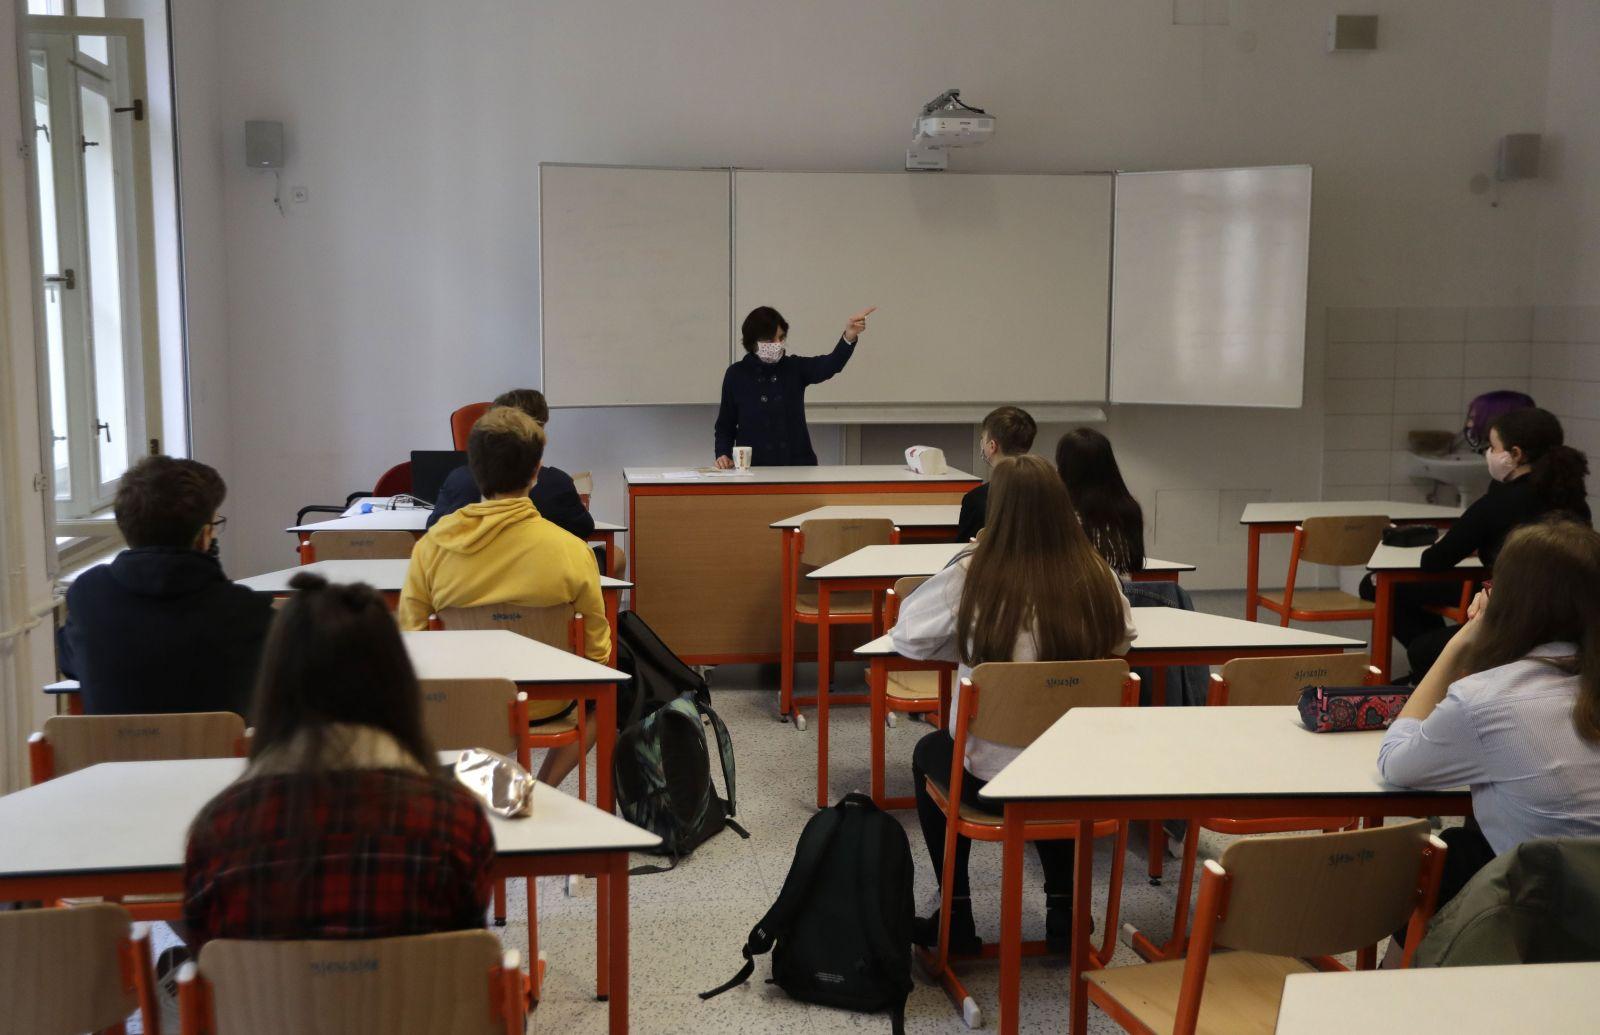 Slovensko chce školy otvárať už 1. júla, vo Francúzsku tento experiment nevyšiel. Hlásia z nich 70 nových prípadov nákazy COVID-19